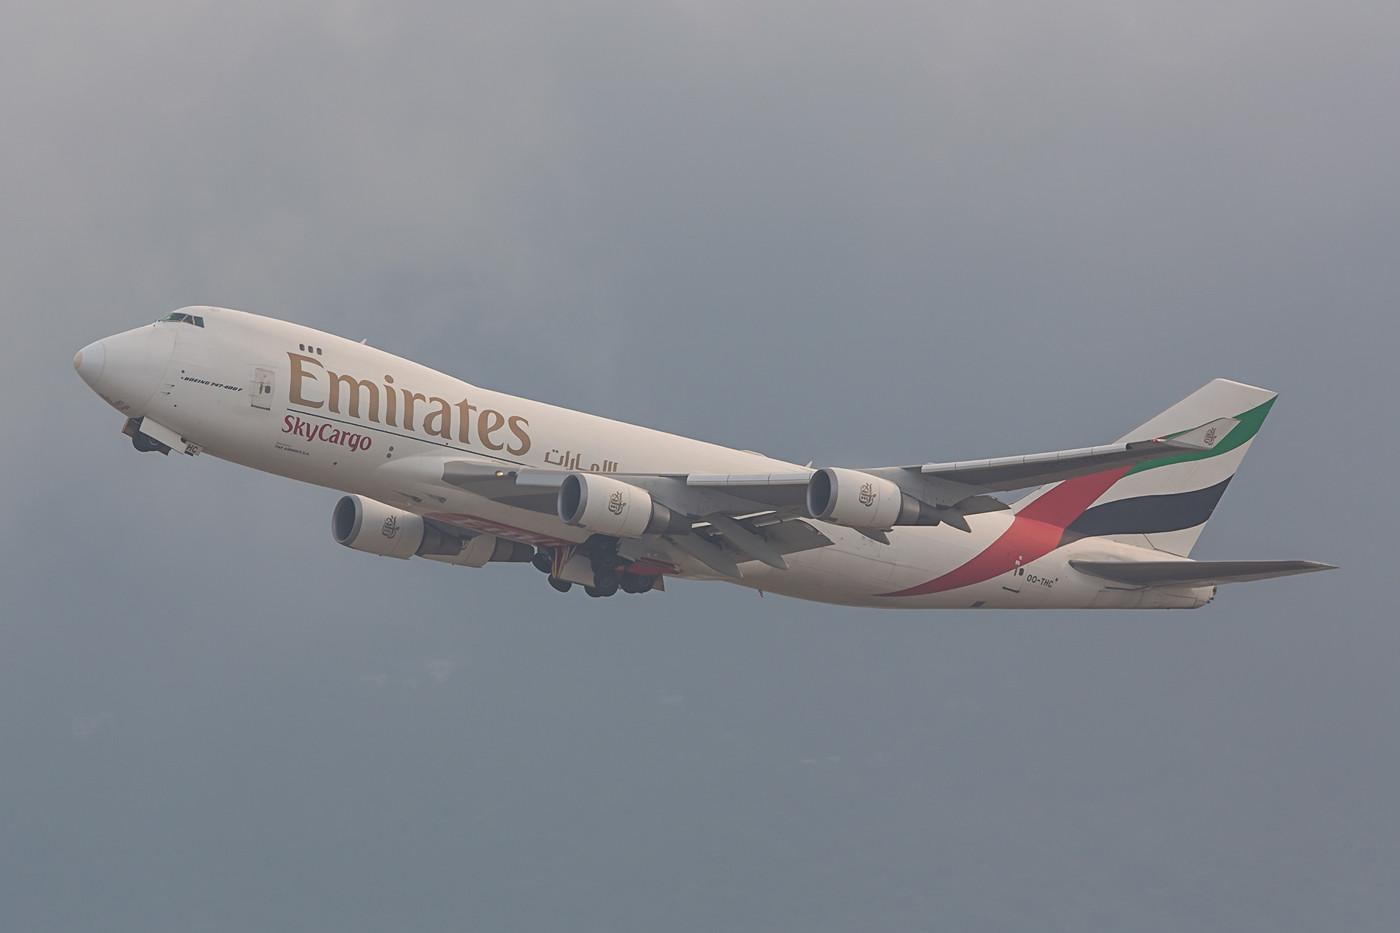 Emirates Cargo Boeing 747-400.